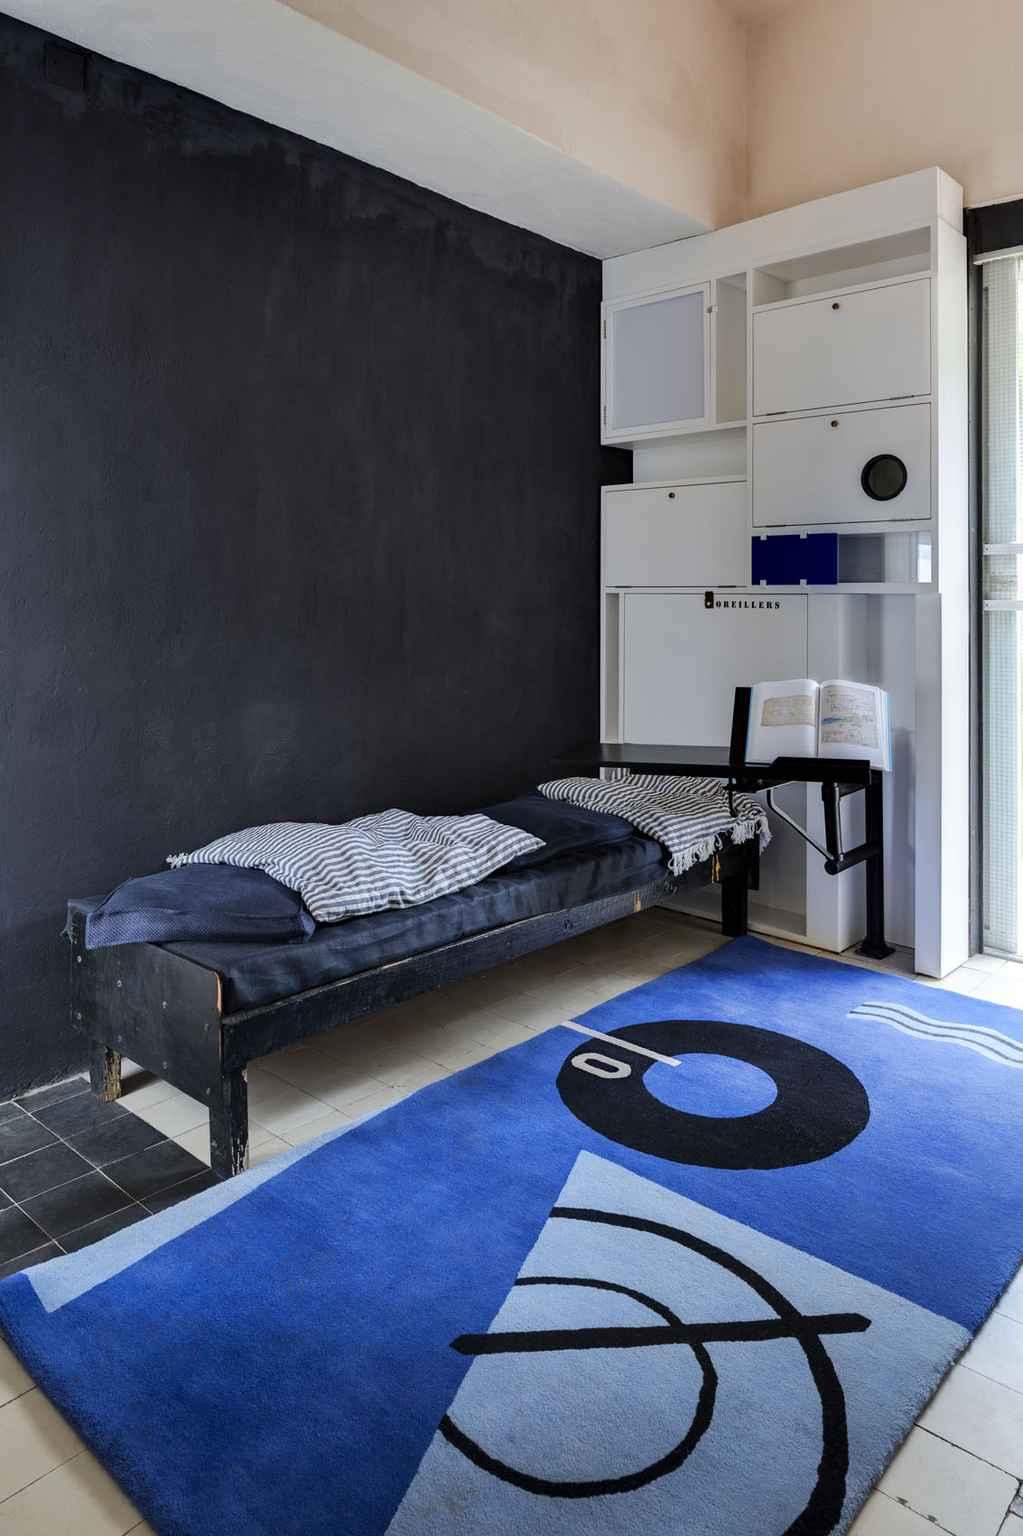 Lit Exterieur Design chaque chambre dispose d'un accès direct à l'extérieur, mais